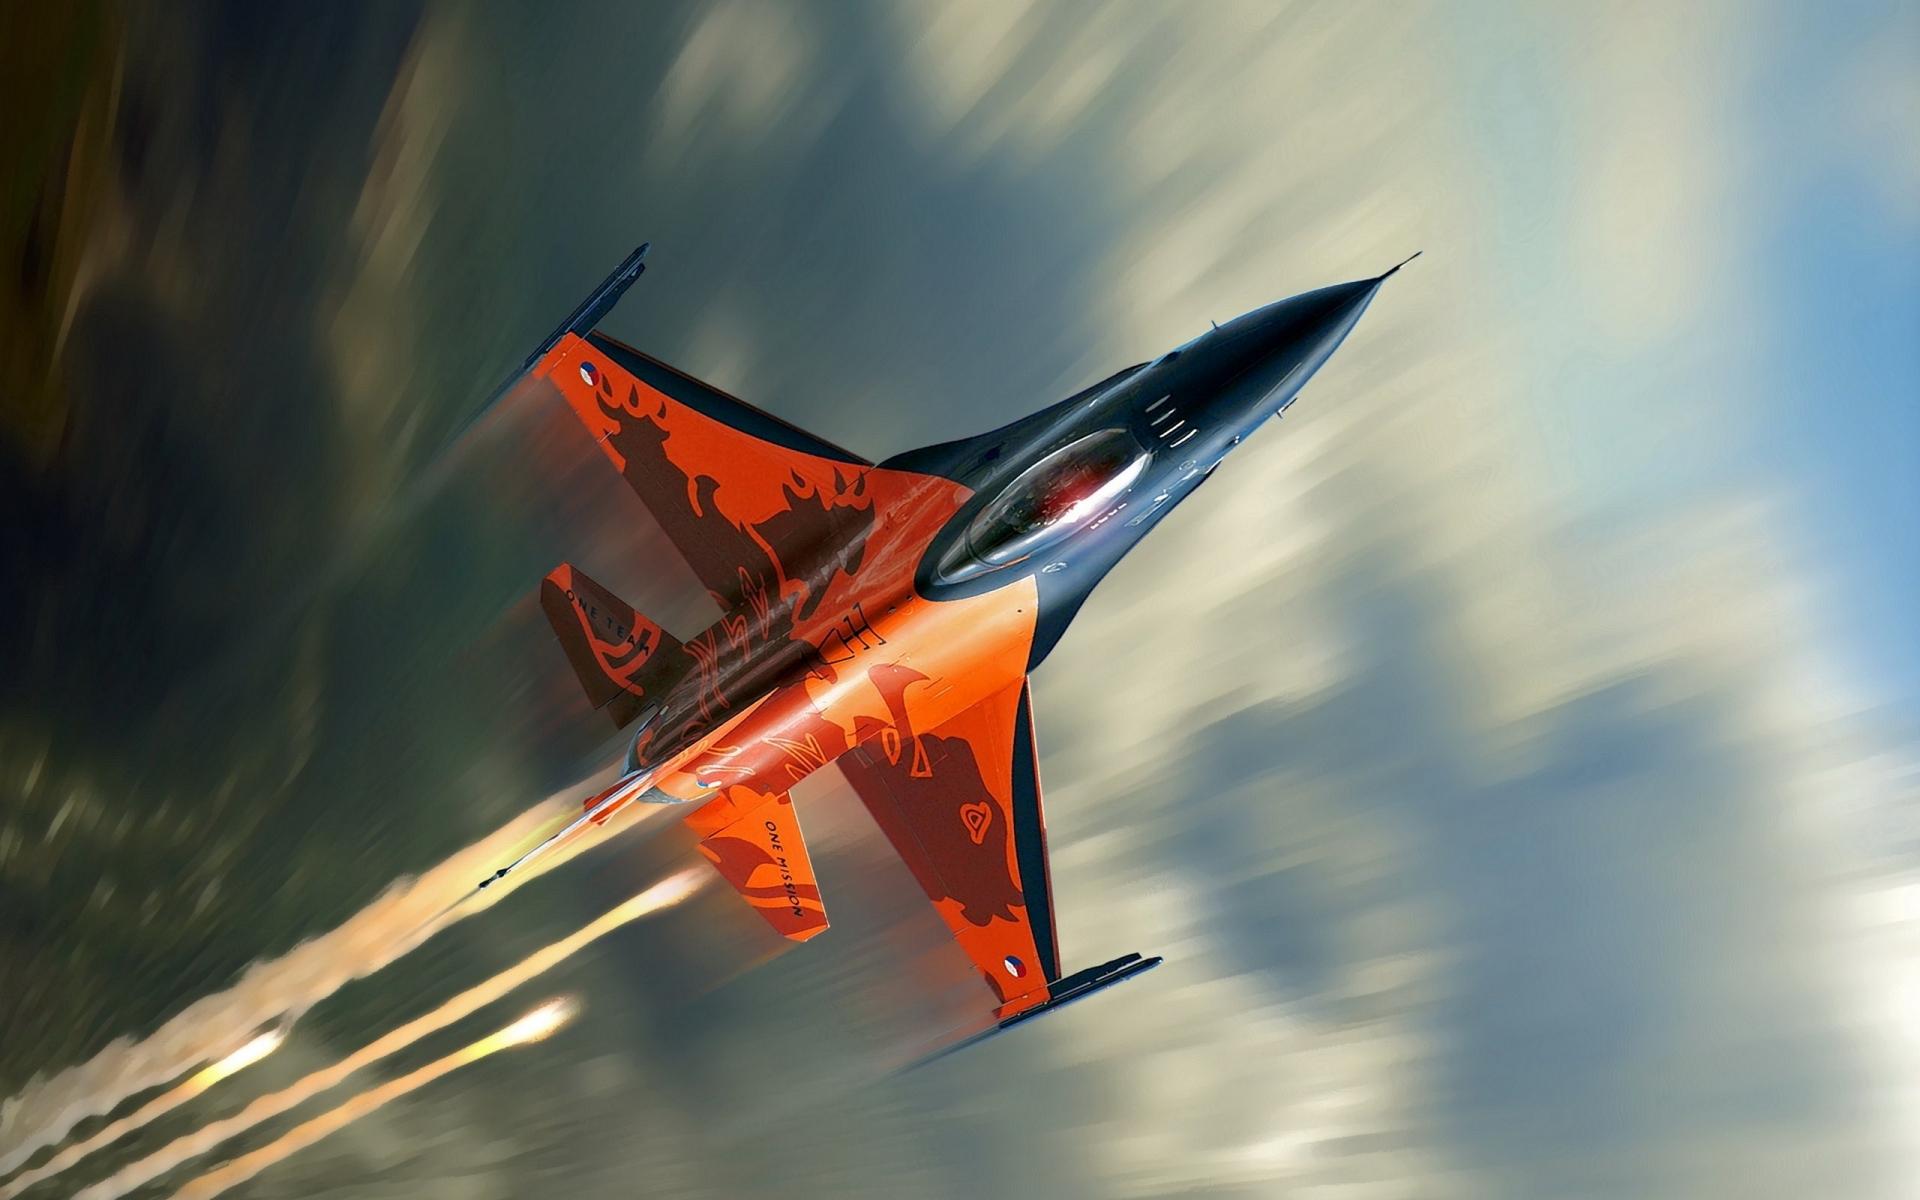 Avión F16 Falcon - 1920x1200